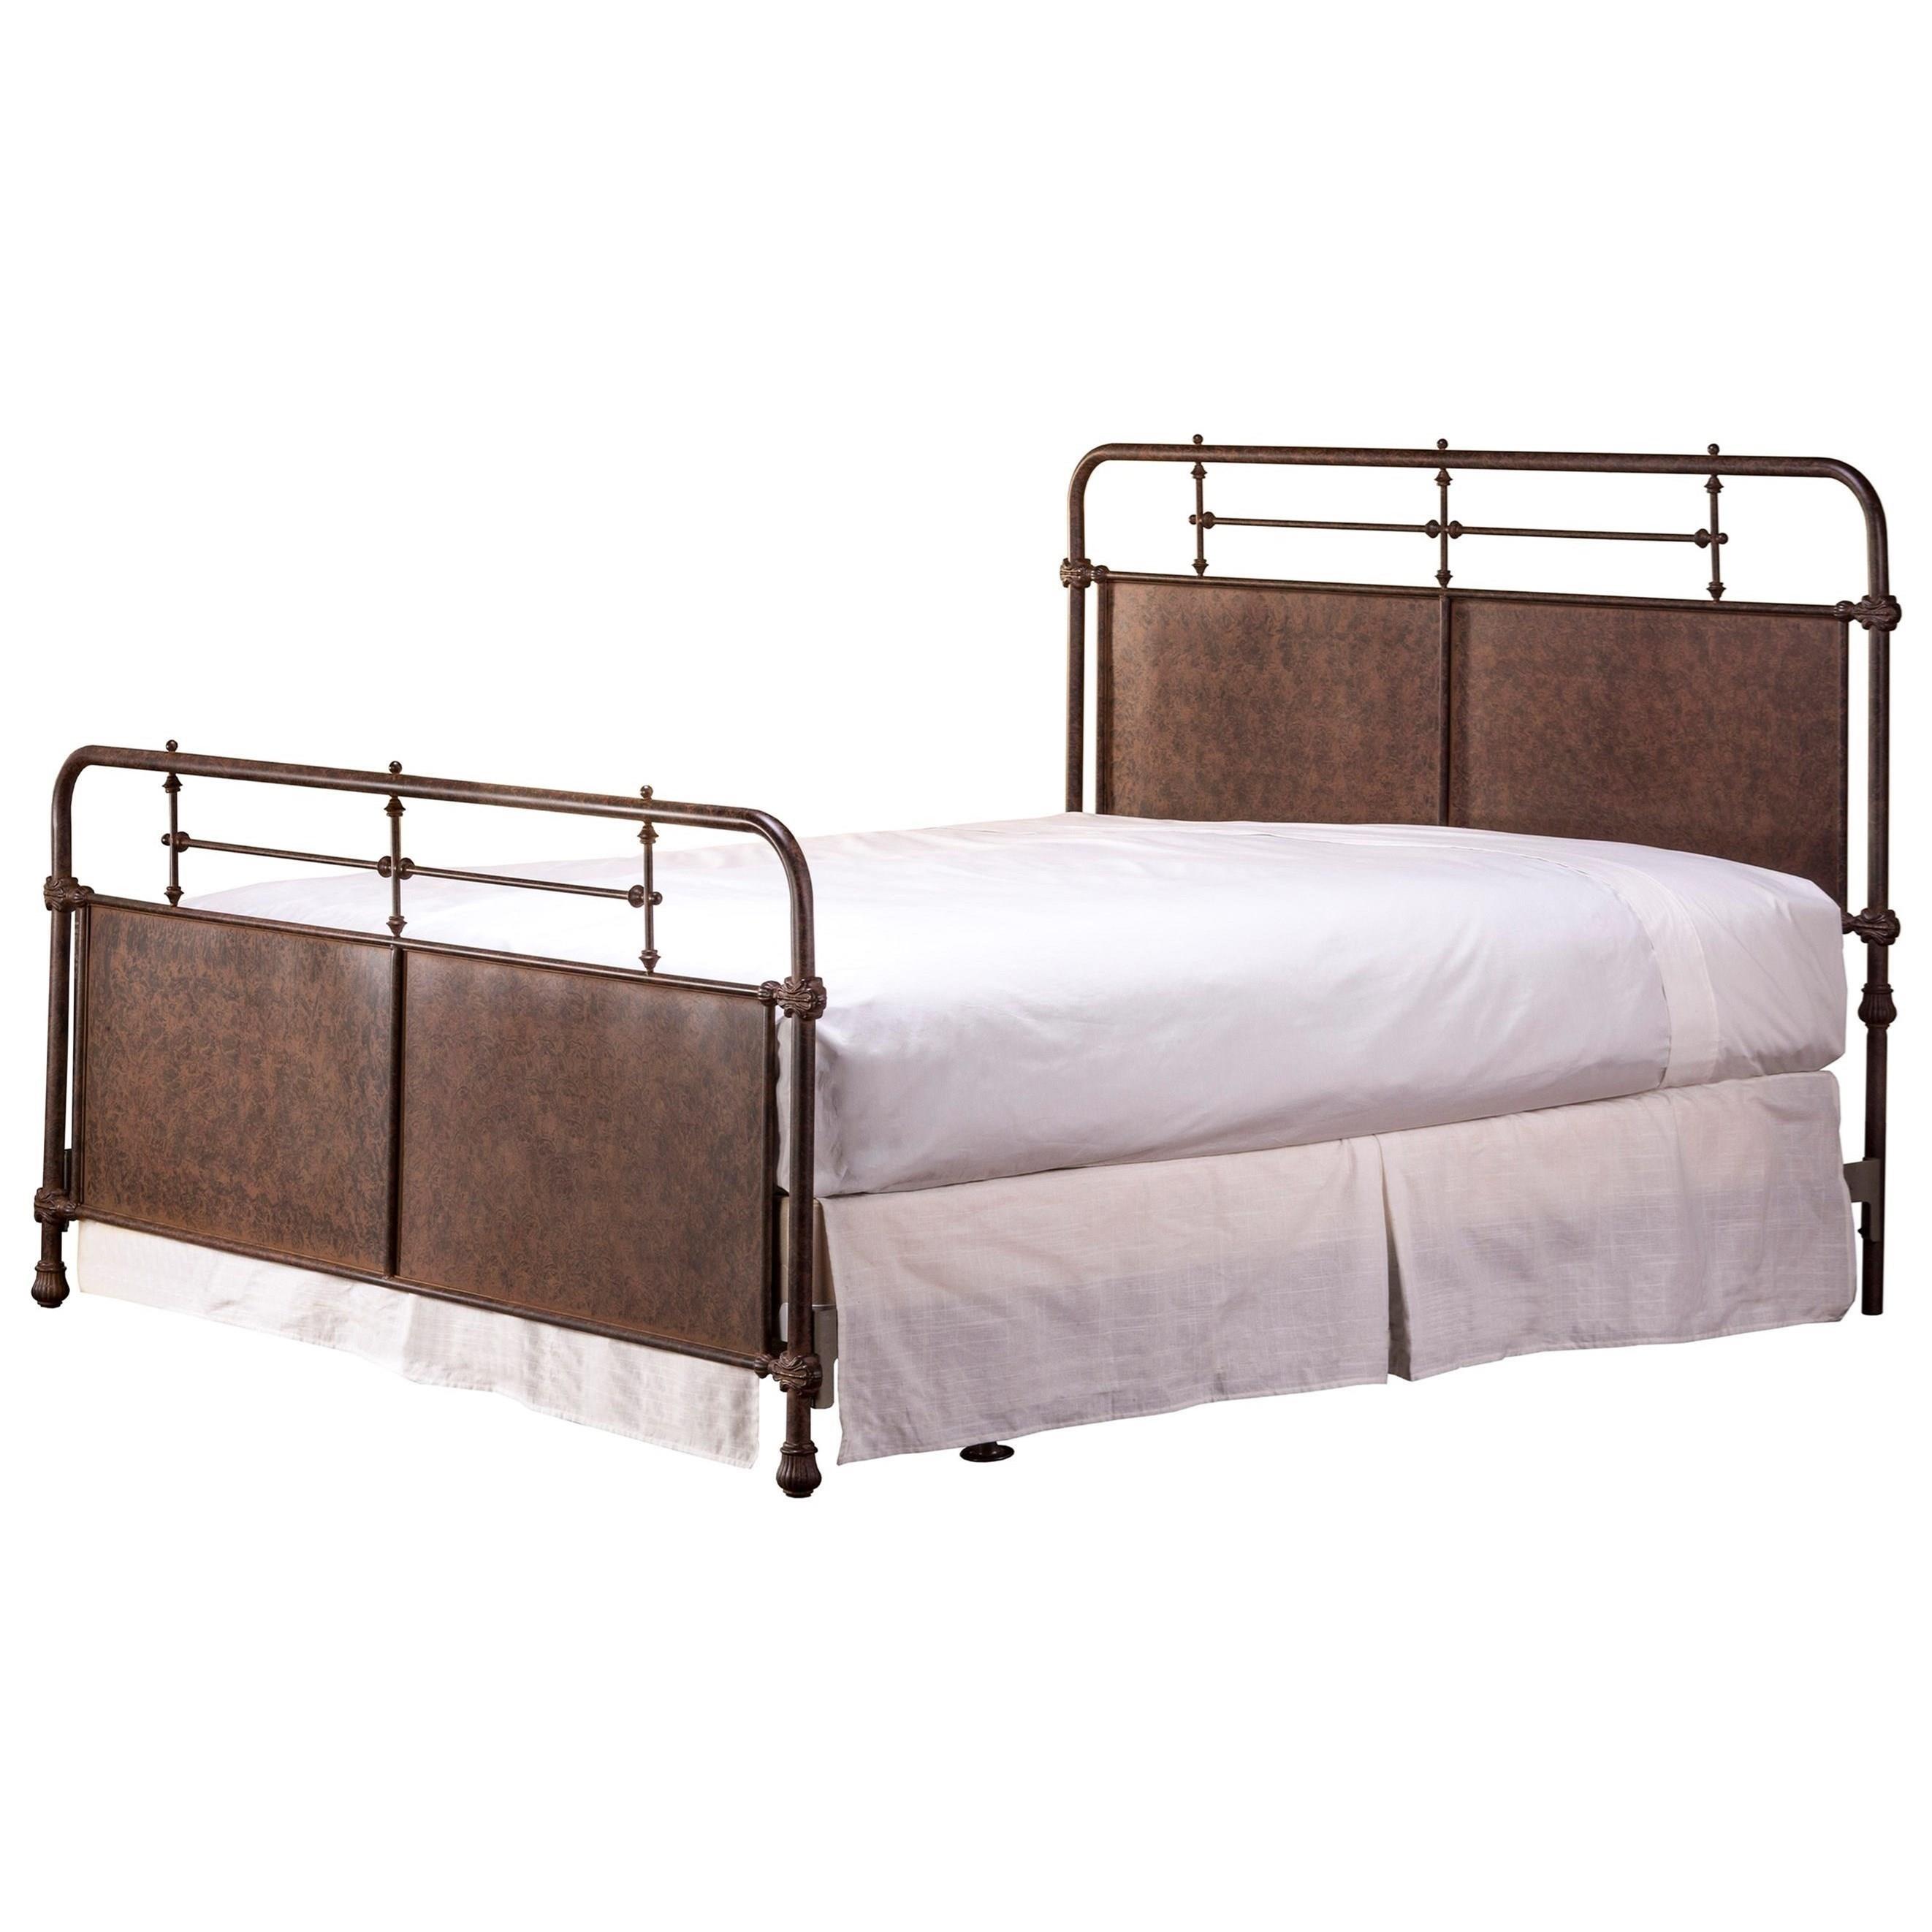 Hillsdale Metal Beds King Kensington Bed - Item Number: 1502BKR